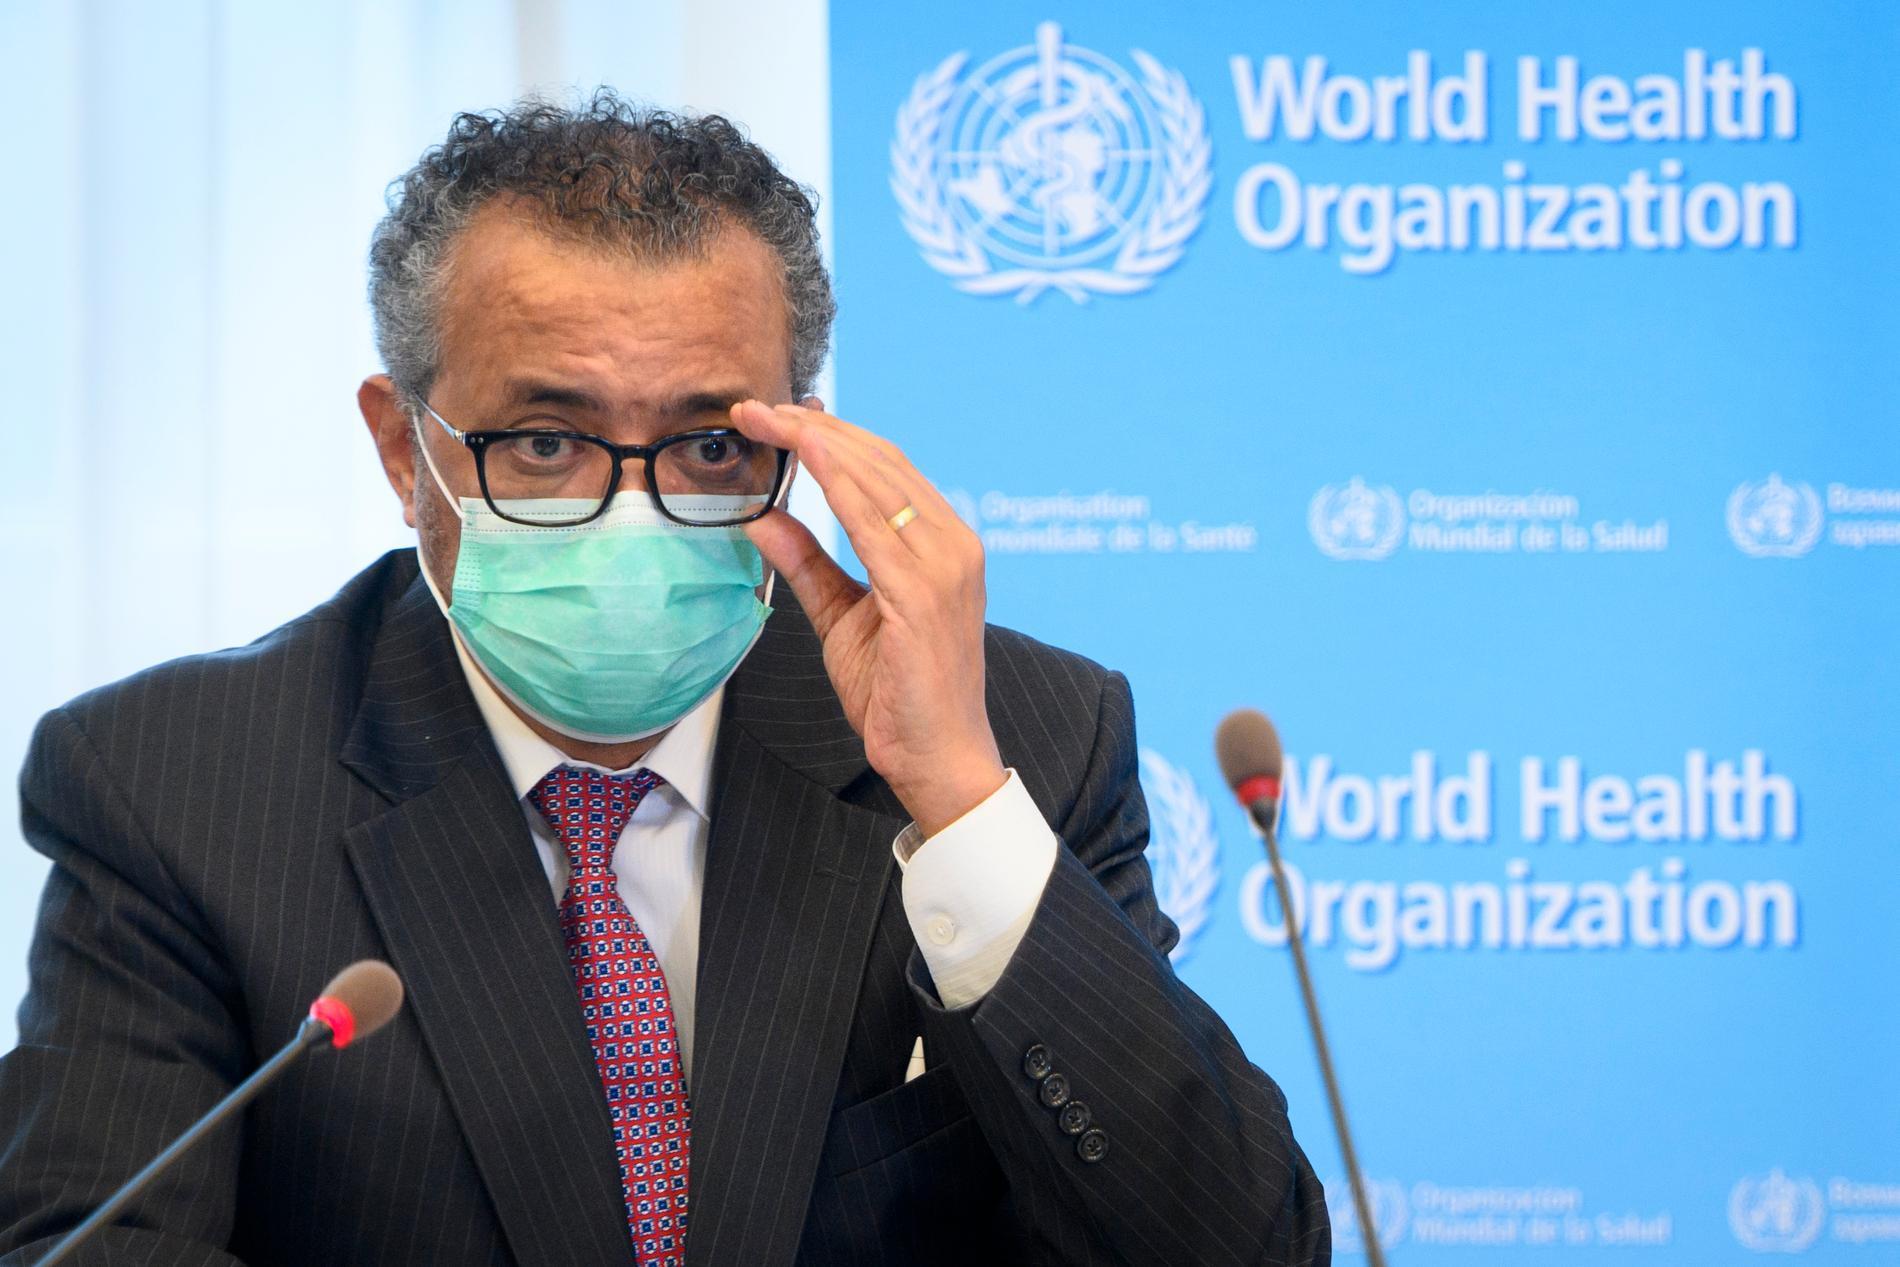 Världshälsoorganisationens (WHO) generalsekreterare Tedros Adhanom Ghebreyesus. Arkivbild.